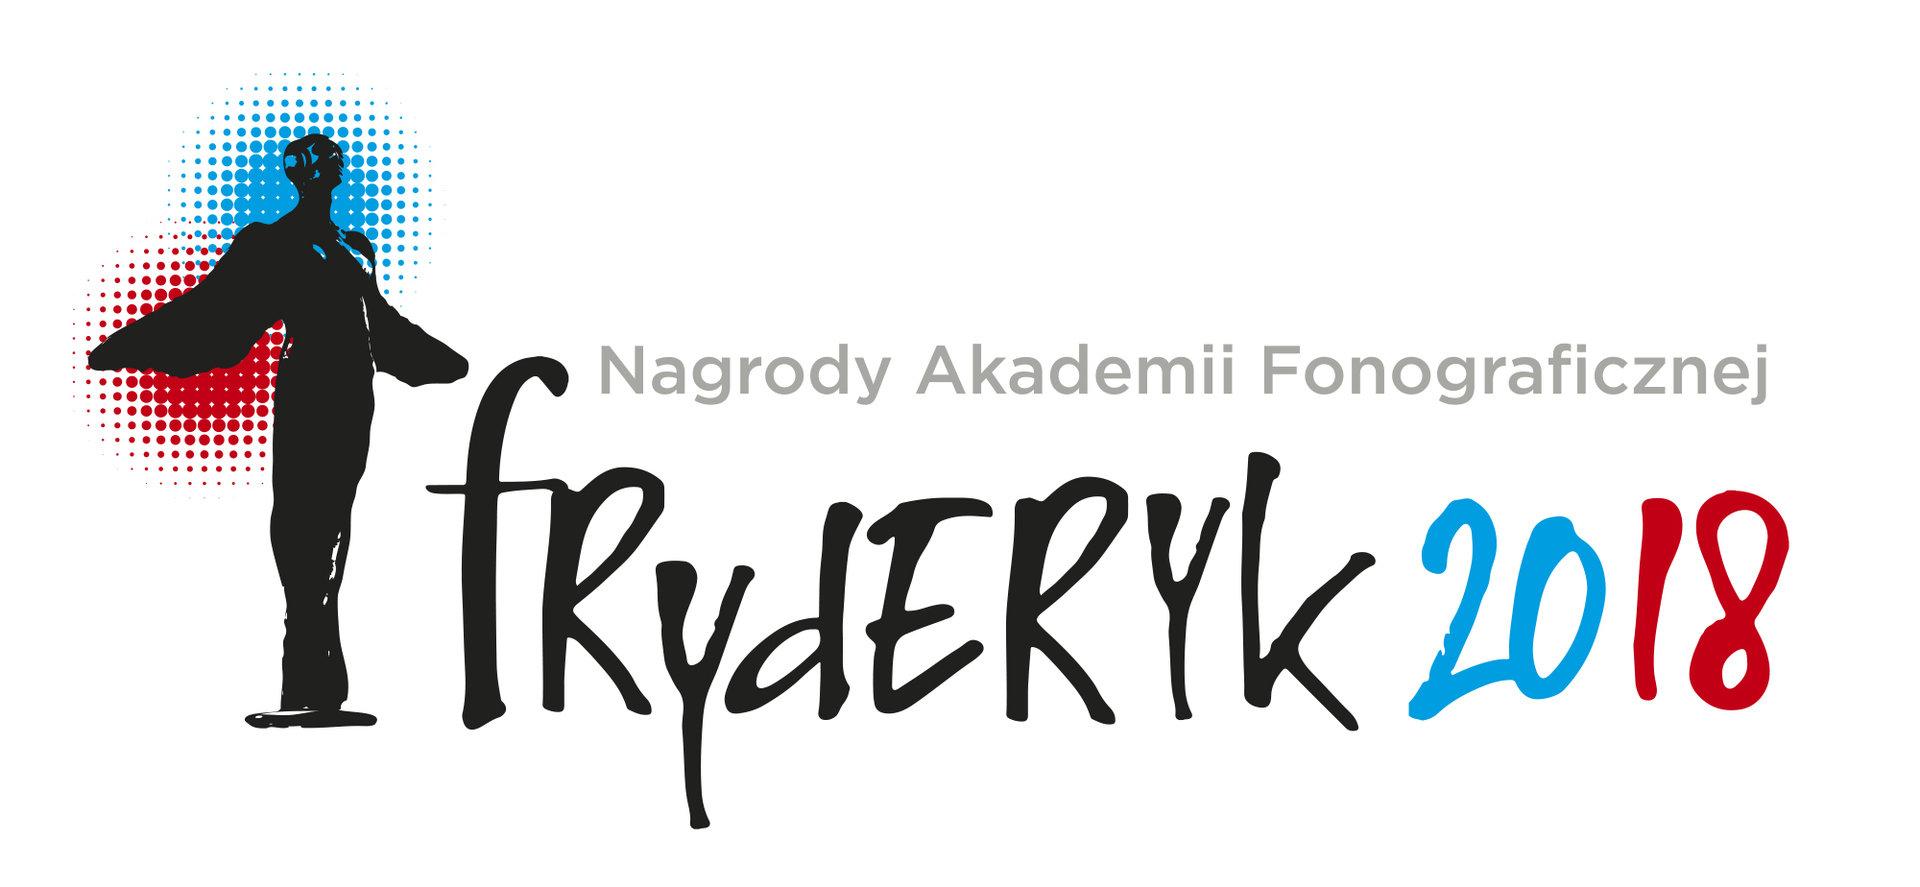 Nominacje do Nagród Akademii Fonograficznej – Fryderyk 2018 – zostaną ogłoszone 6 marca. Laureatów poznamy w kwietniu